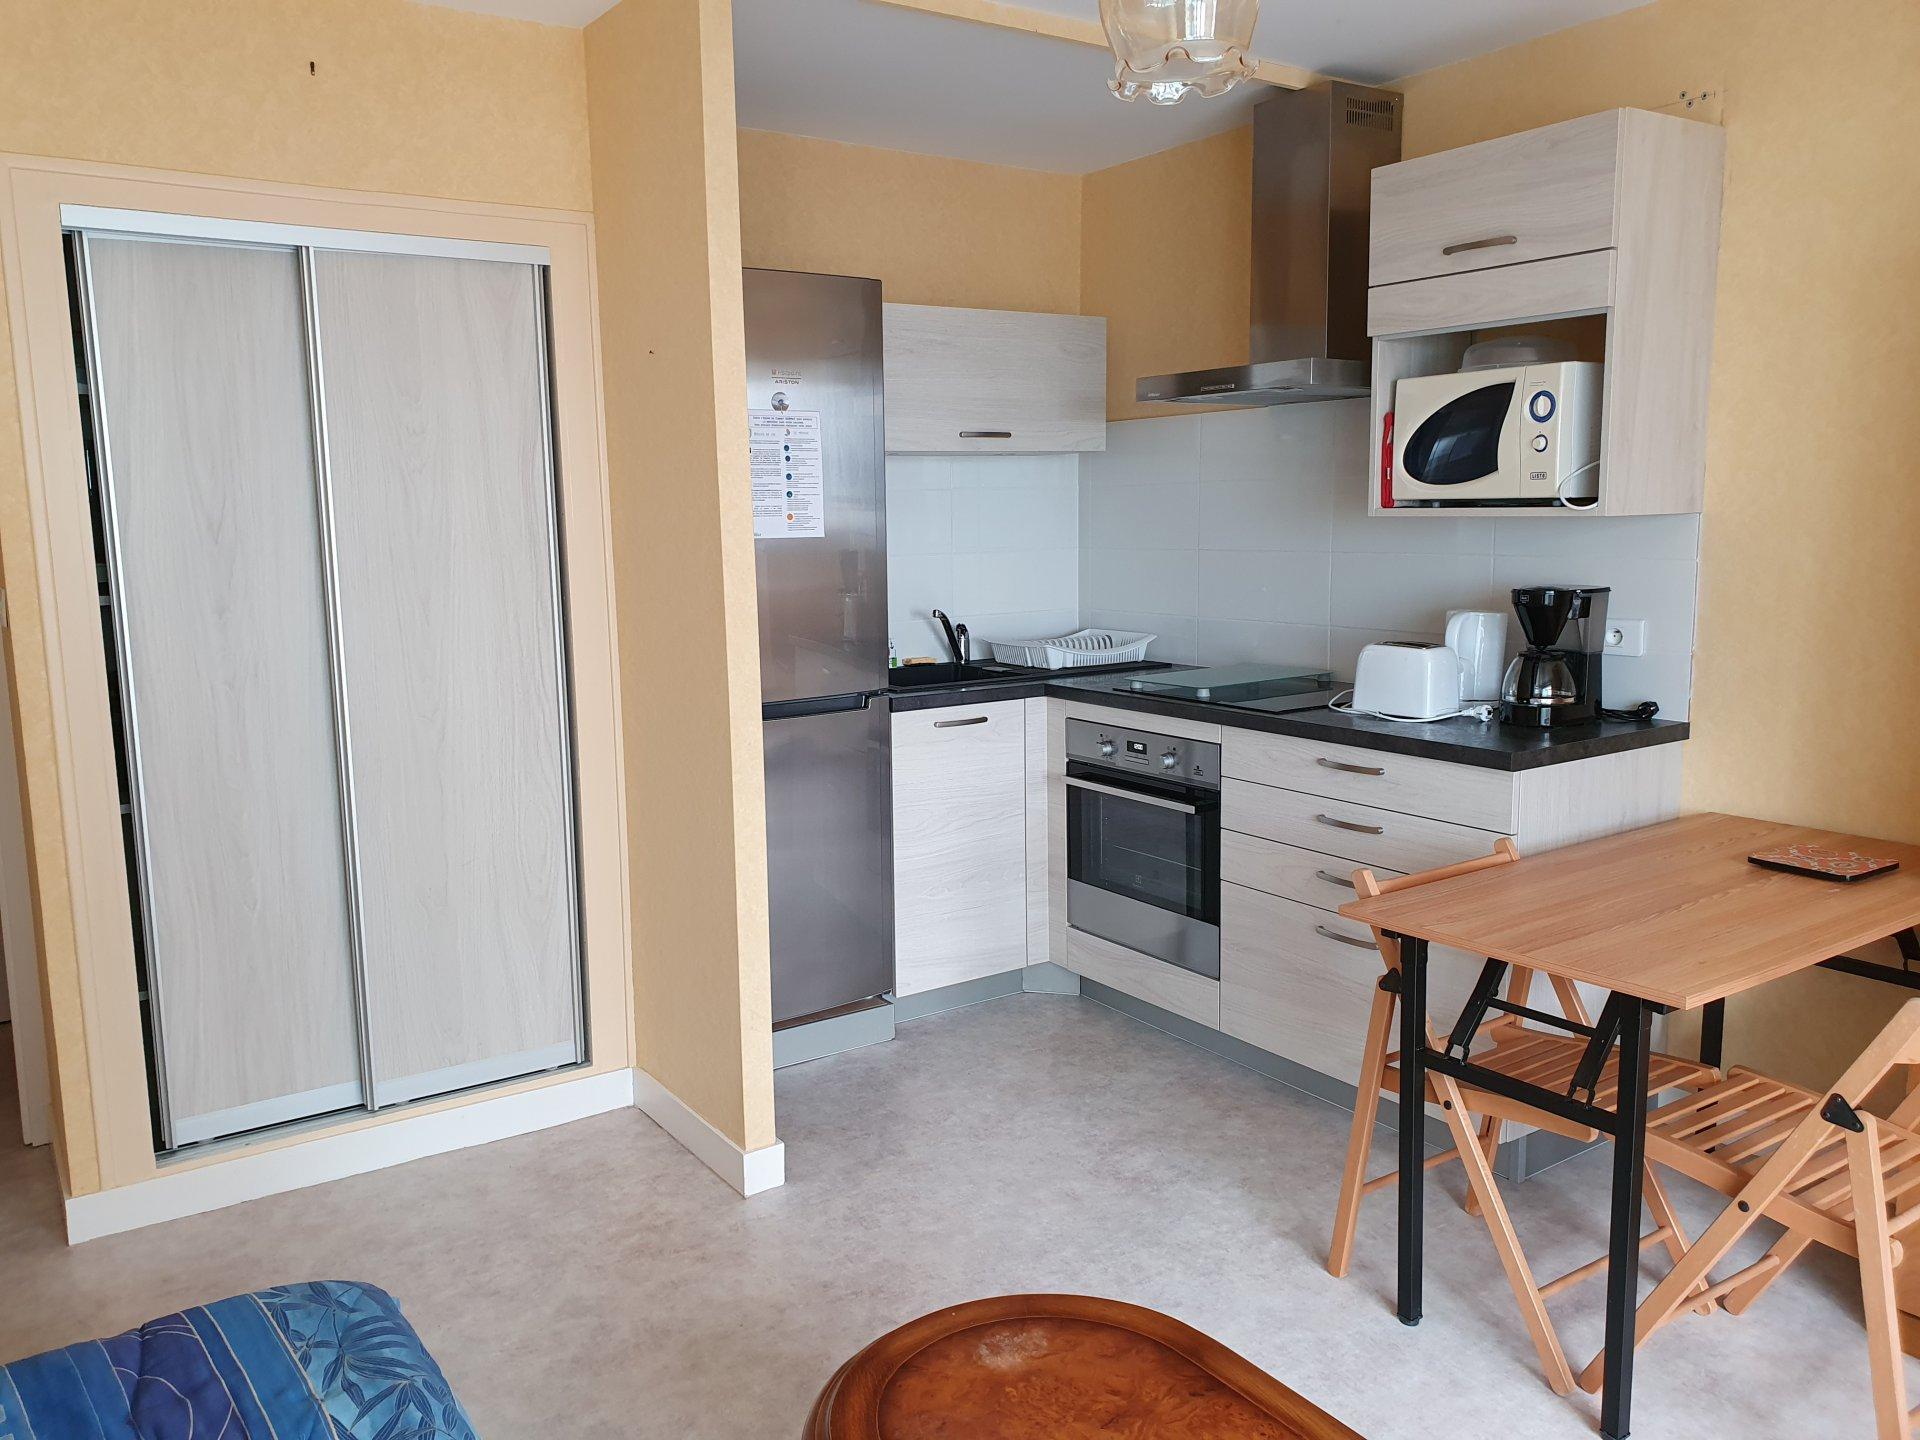 Appartement à louer à Damgan Appartement T2 avec vue sur mer